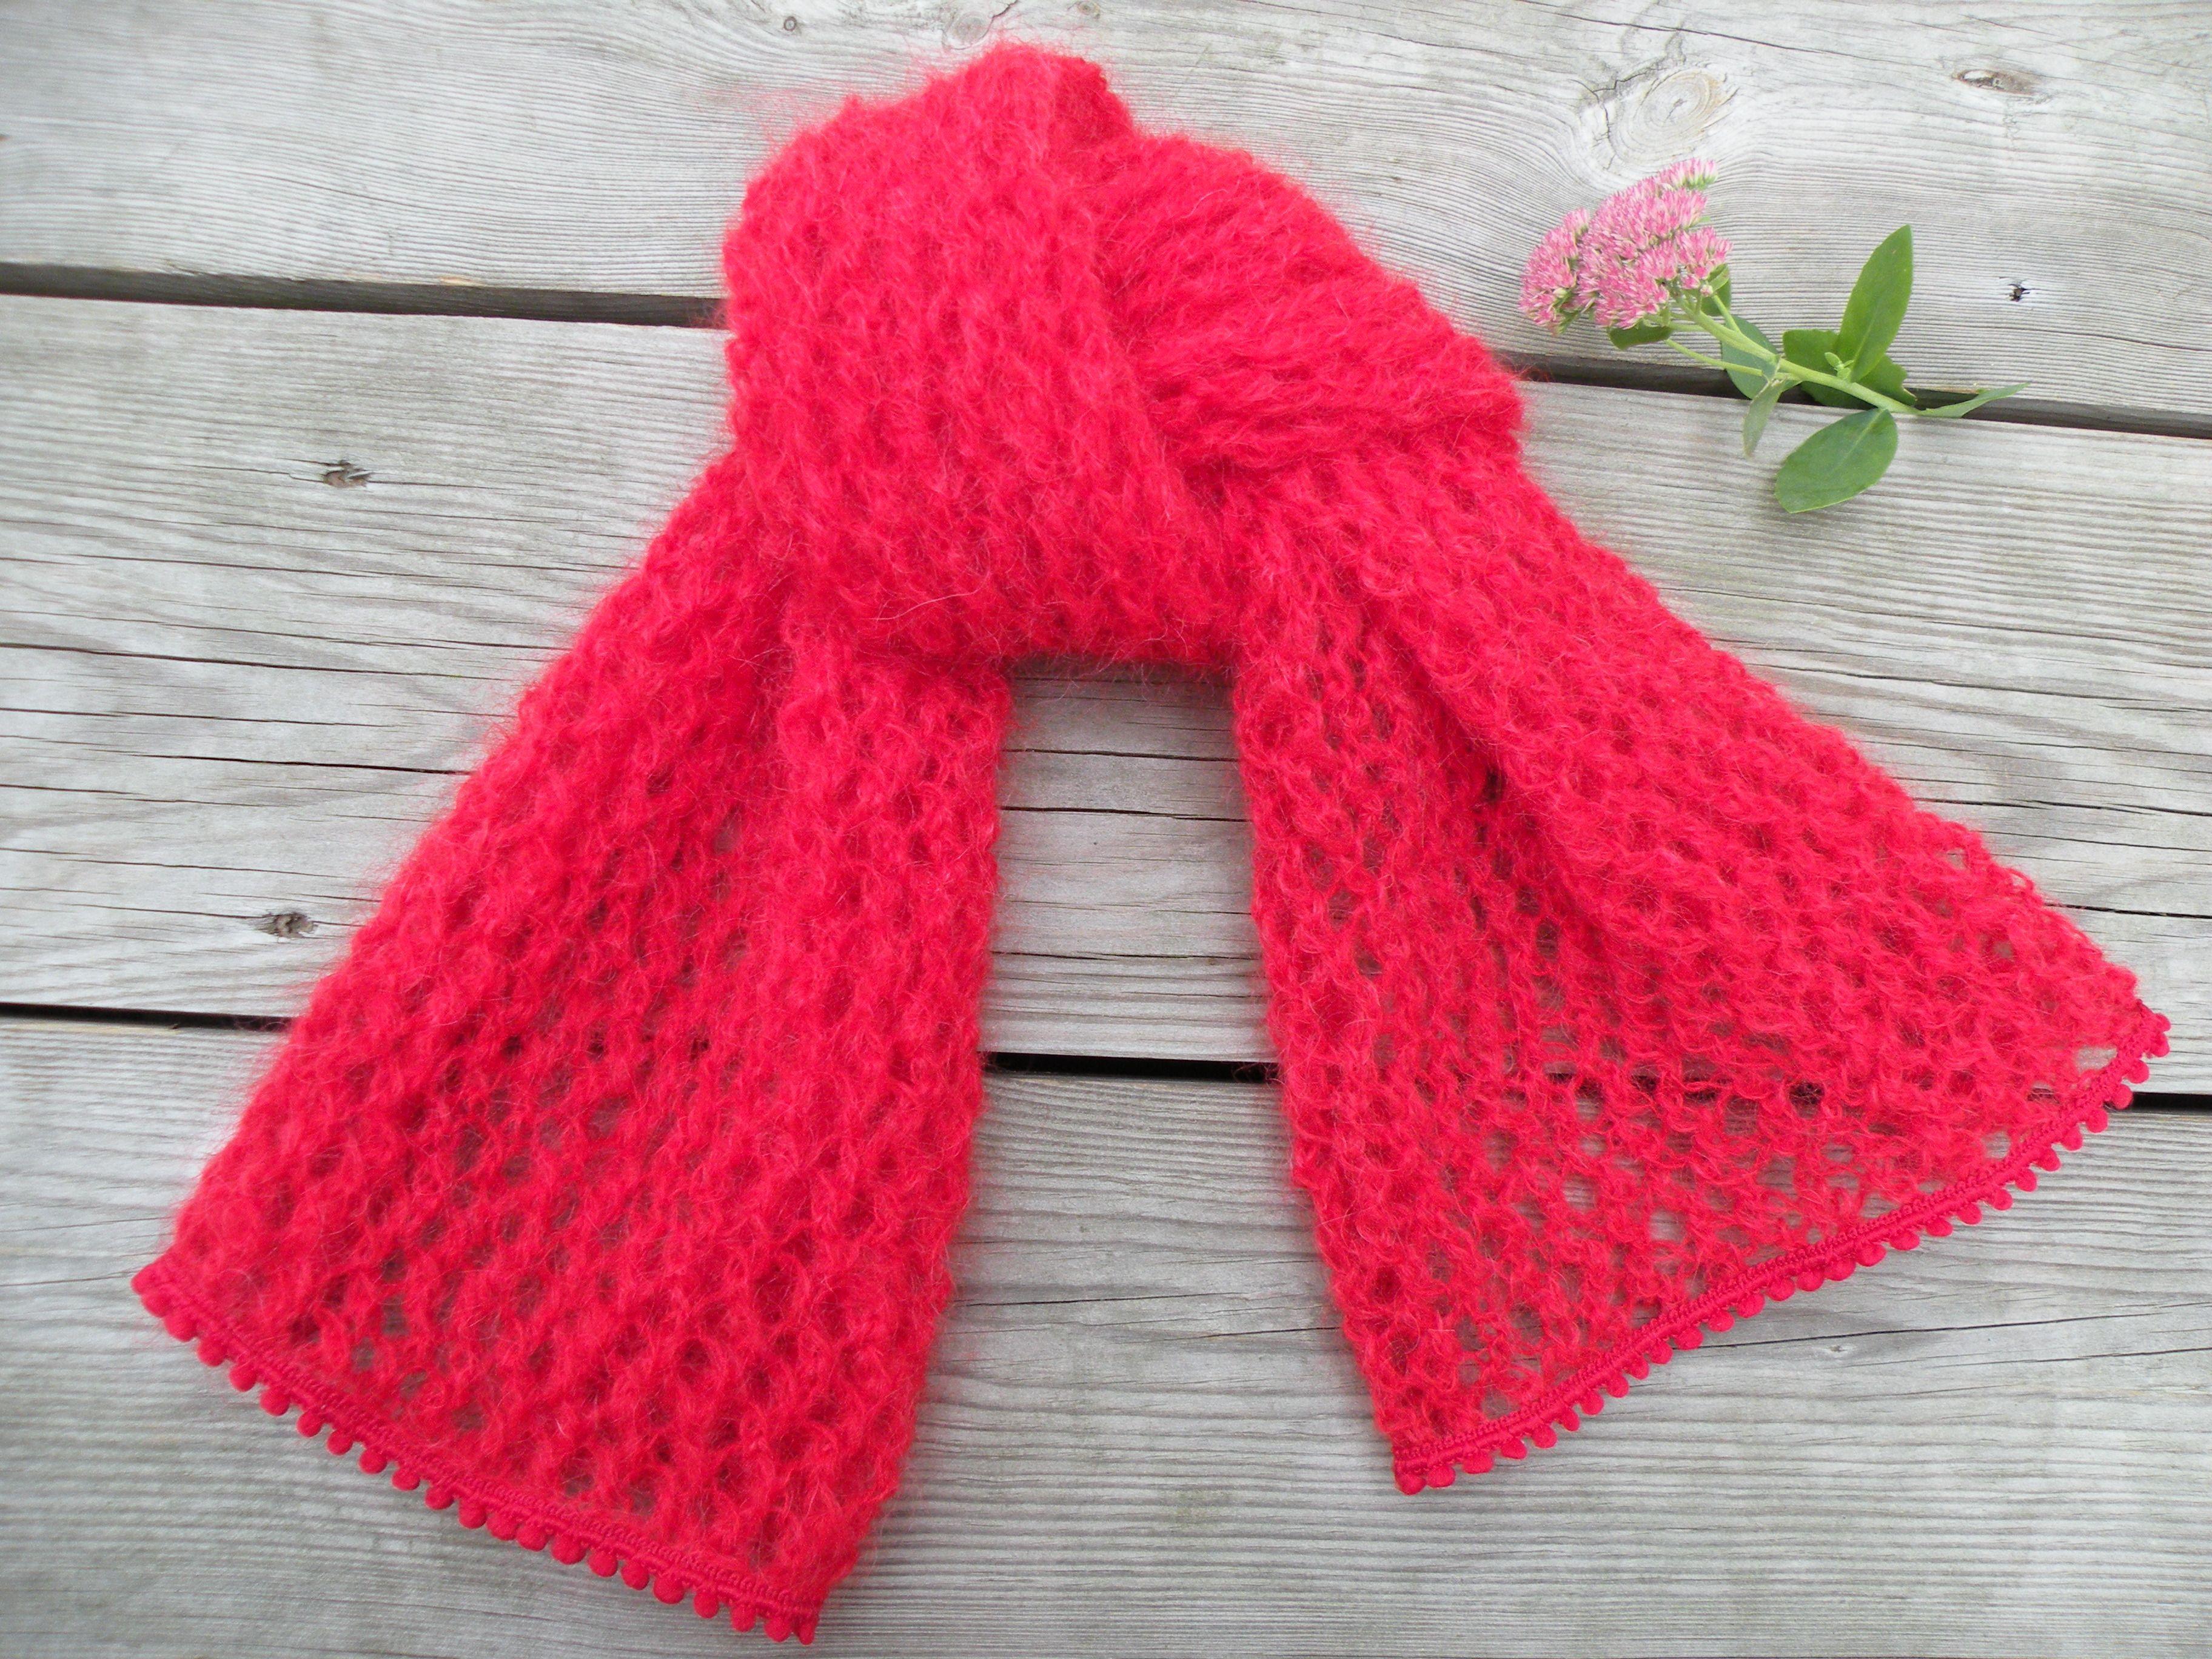 Echarpe mohair tricotée dans un beau fil rouge avec des aiguilles à tricoter  numéro 6 et réalisée avec un beau point ajouré. Echarpe mosseuse bordée  d un ... 7e7e254d533